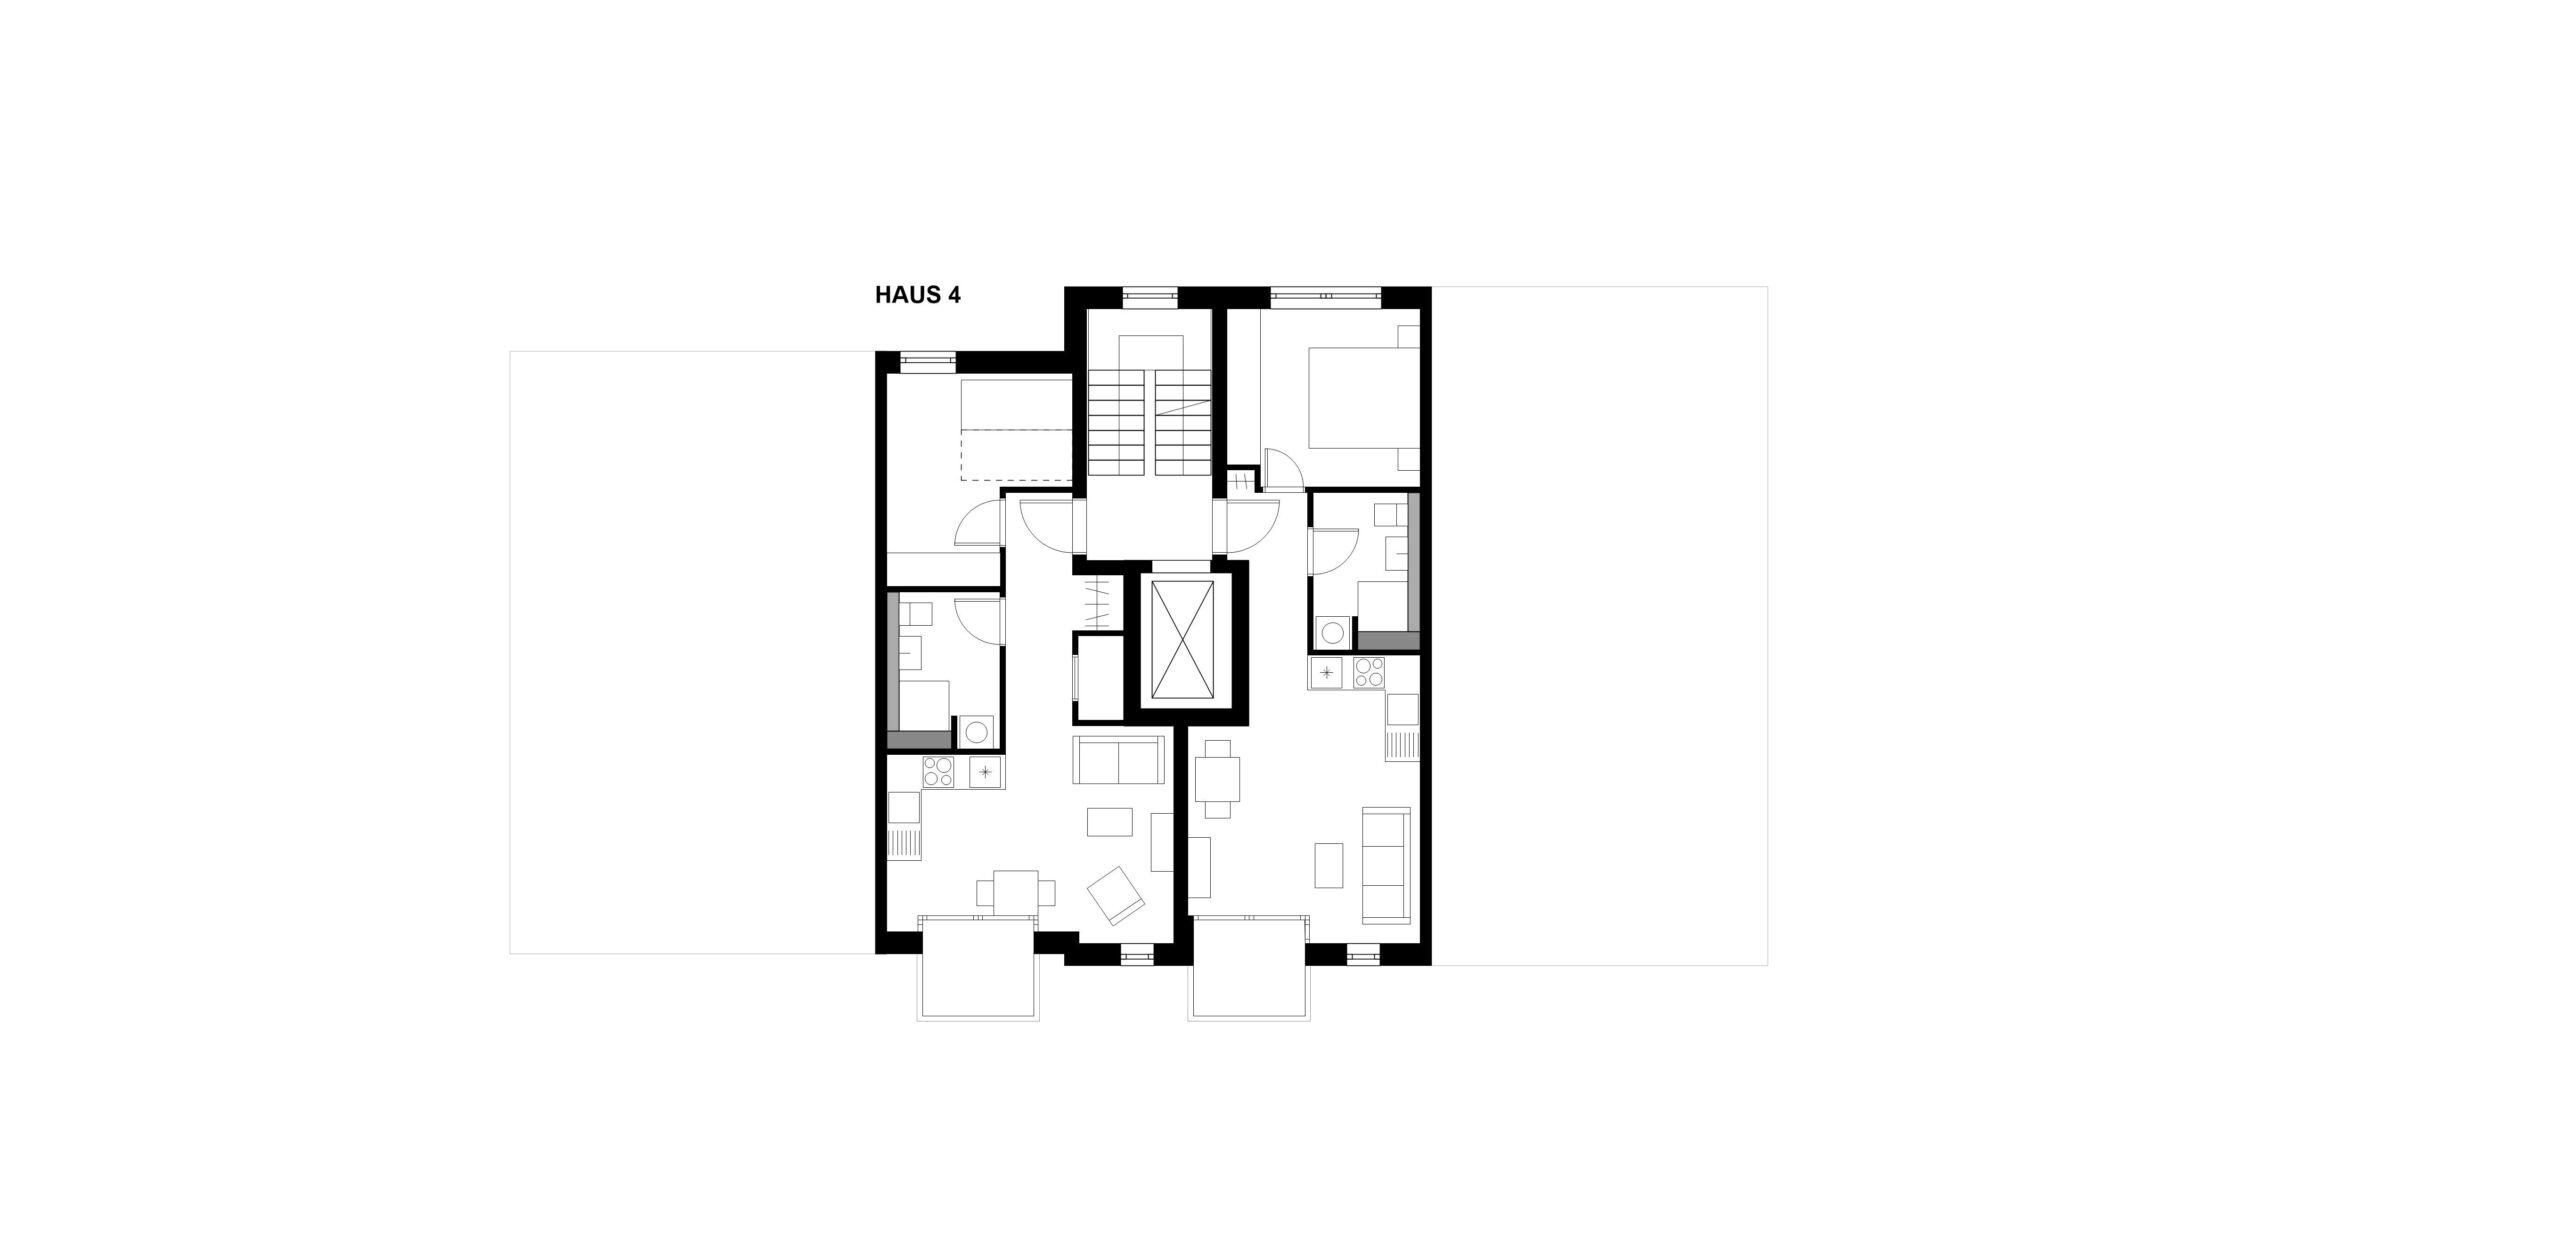 Grundriss Regelgeschoss Haus 4 359 Projekt Gabelsberger Straße Offenbach FFM-ARCHITEKTEN